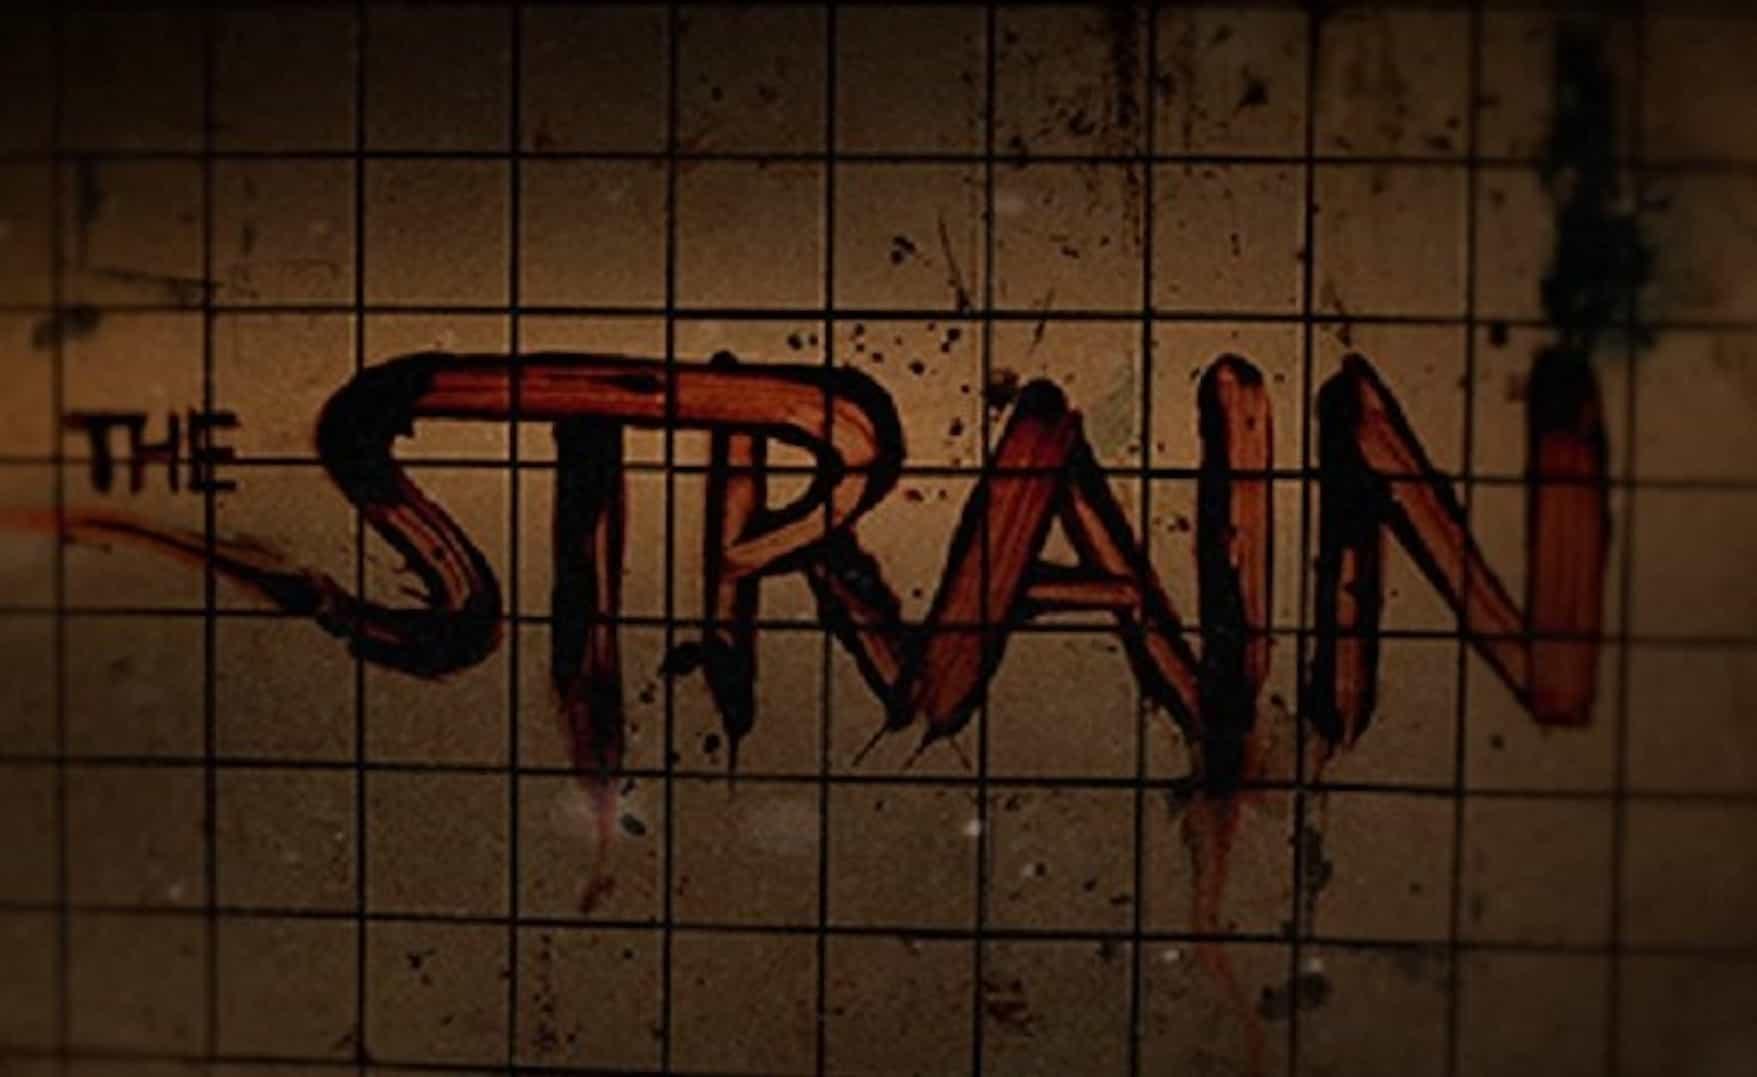 Affiche promotionnelle pour la série The Strain